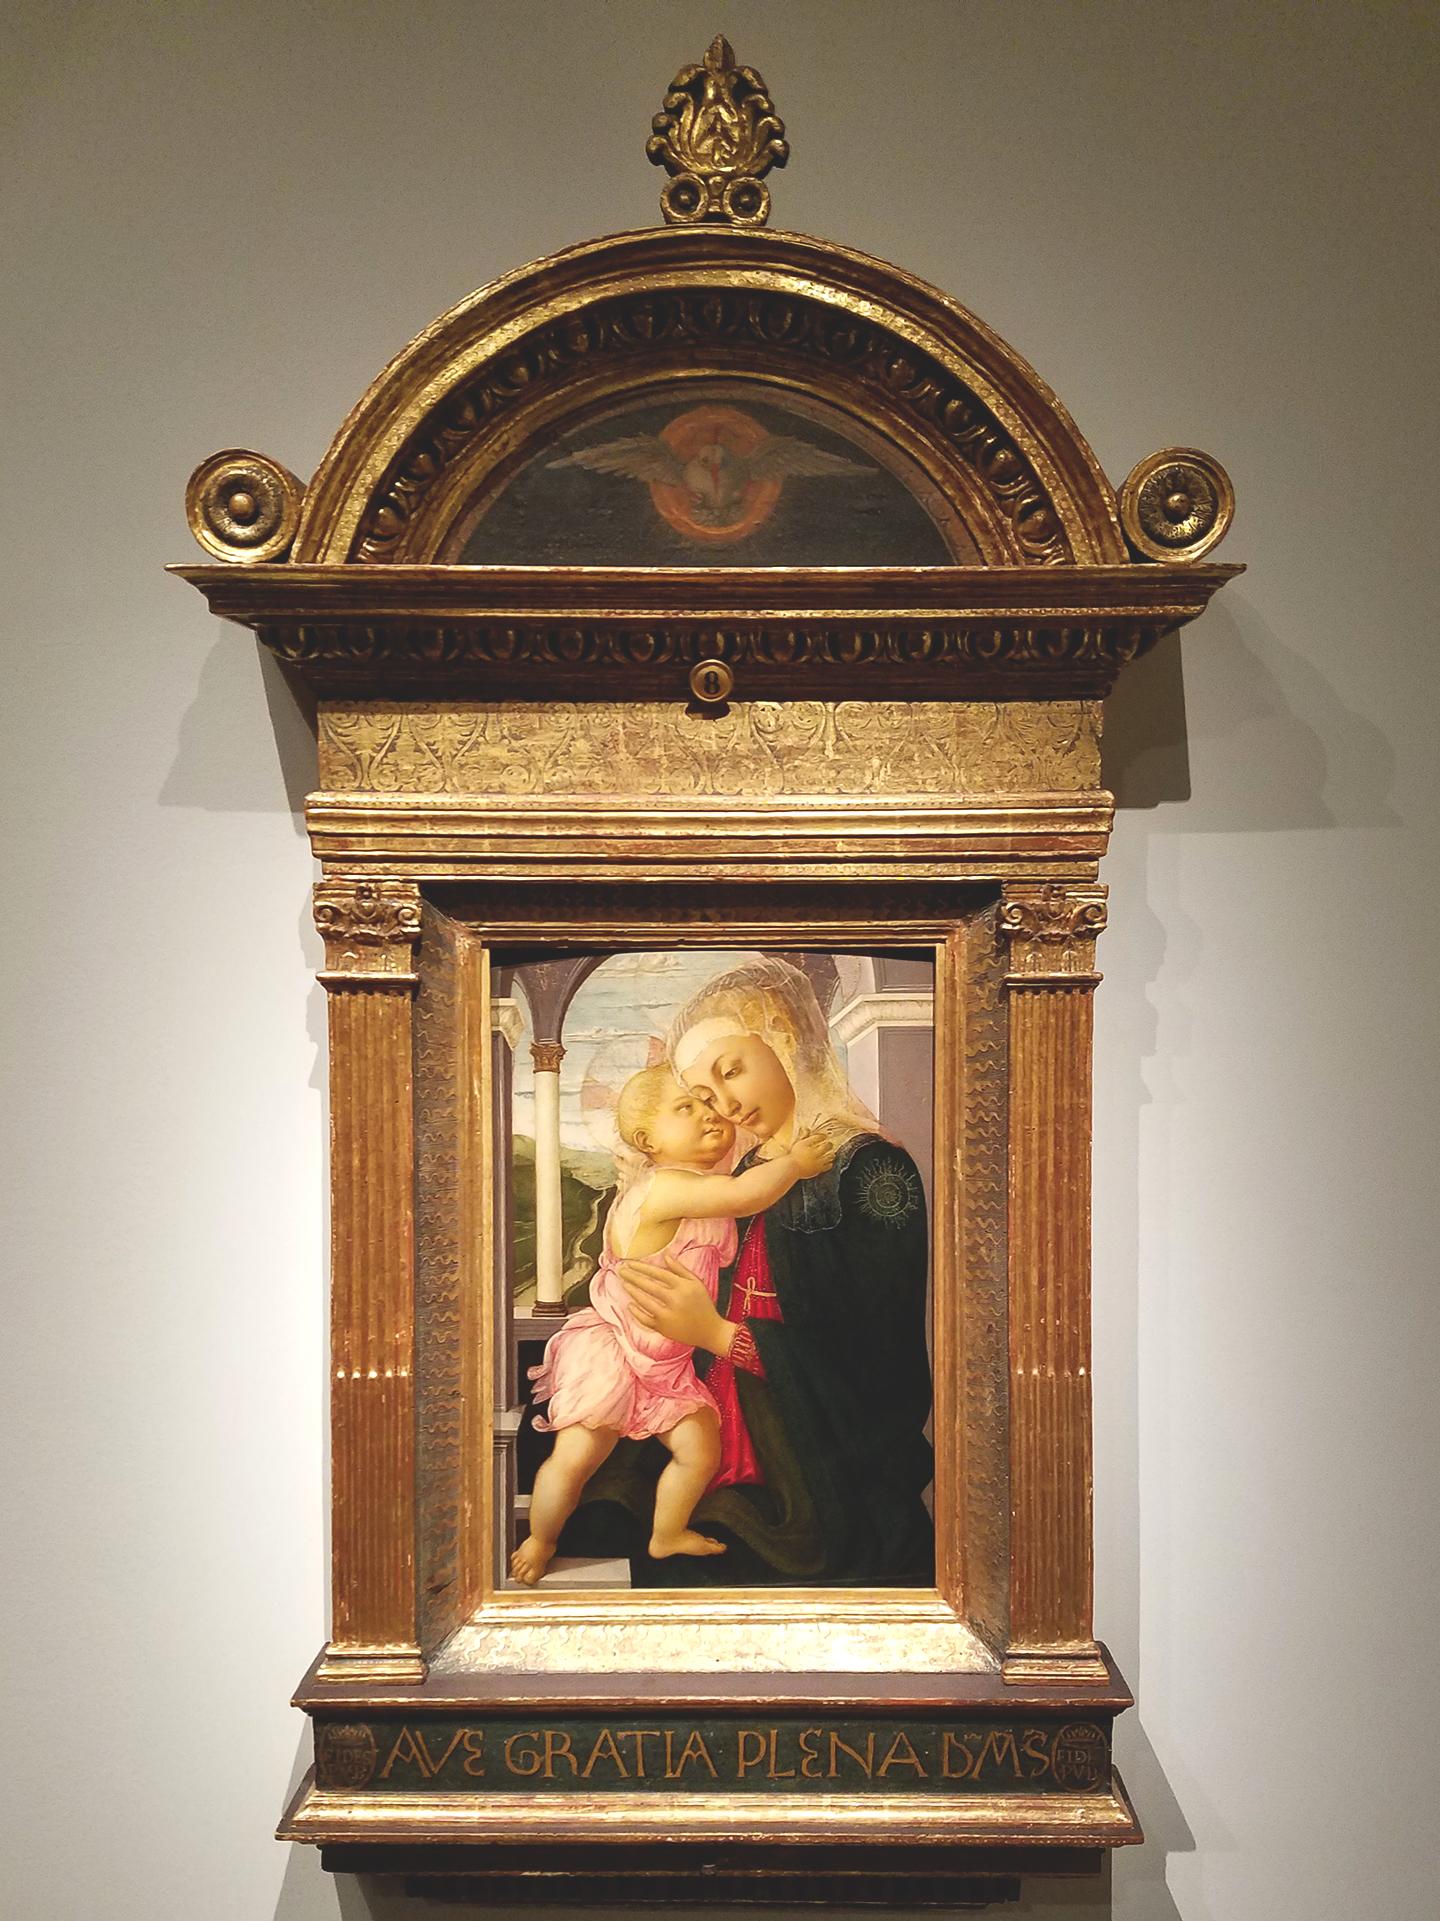 Sandro Botticelli - Madonna of the Loggia, 1467